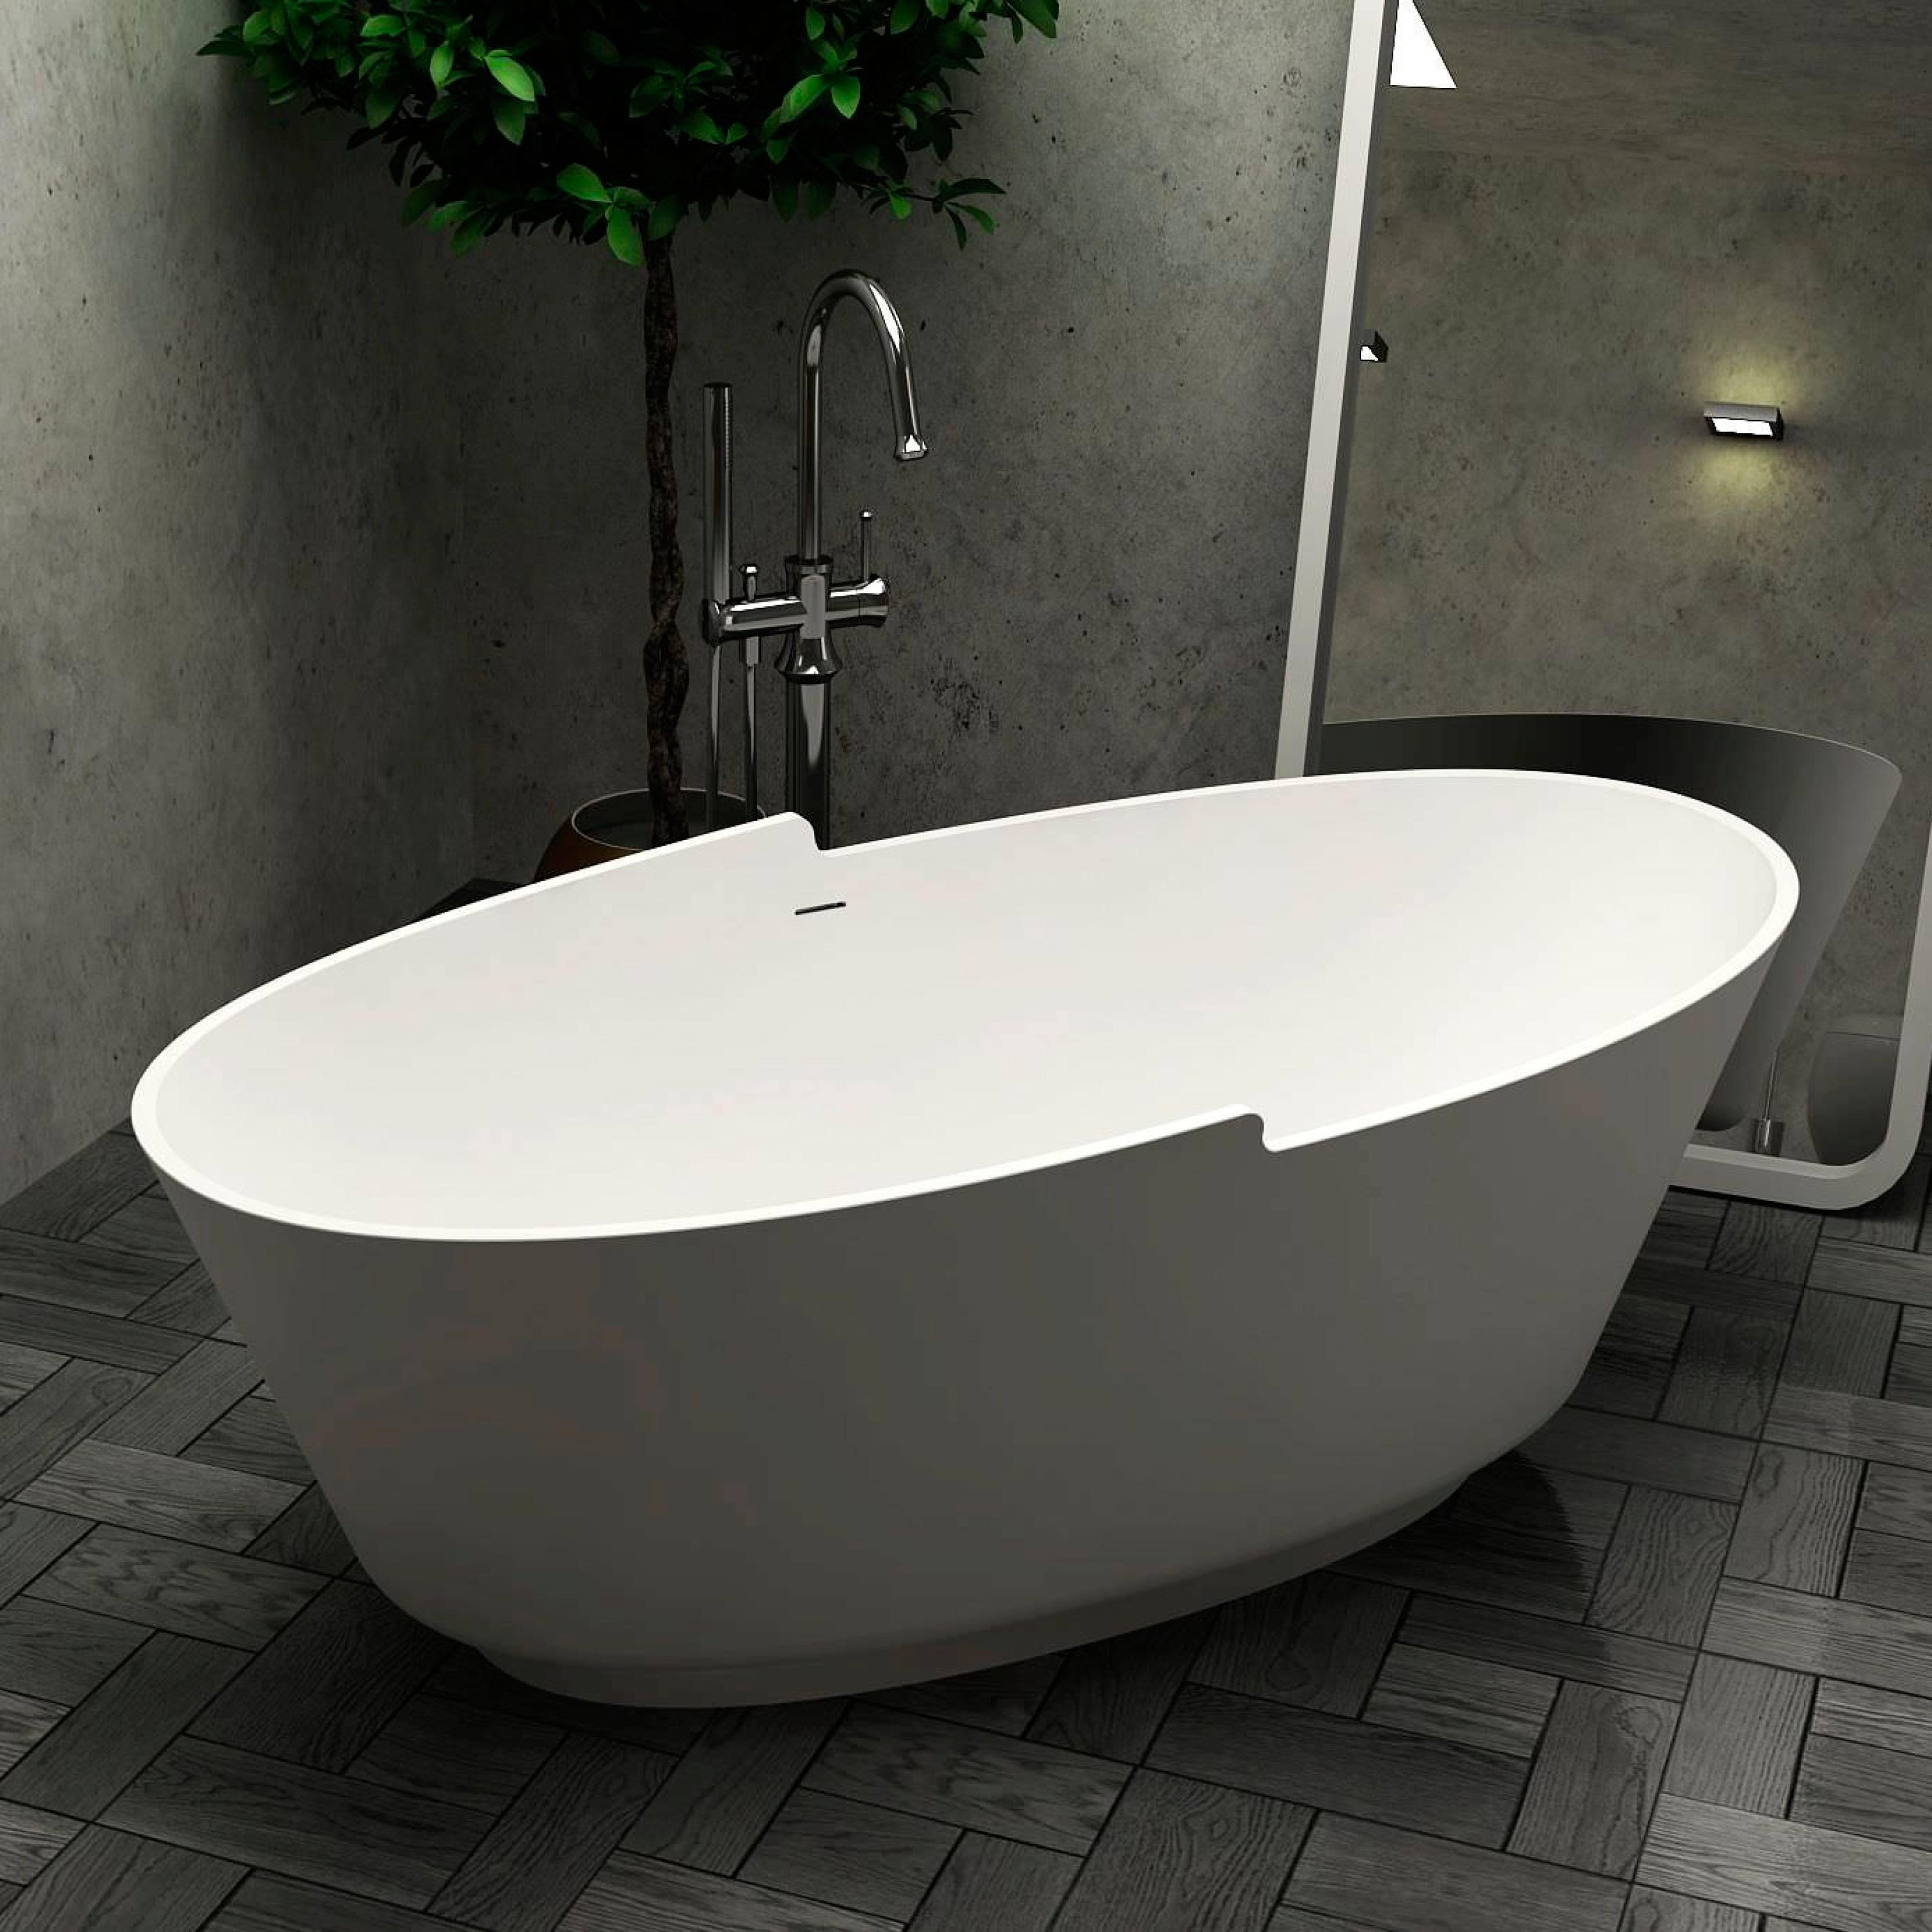 Baignoire Design Stone 167x85x57cm